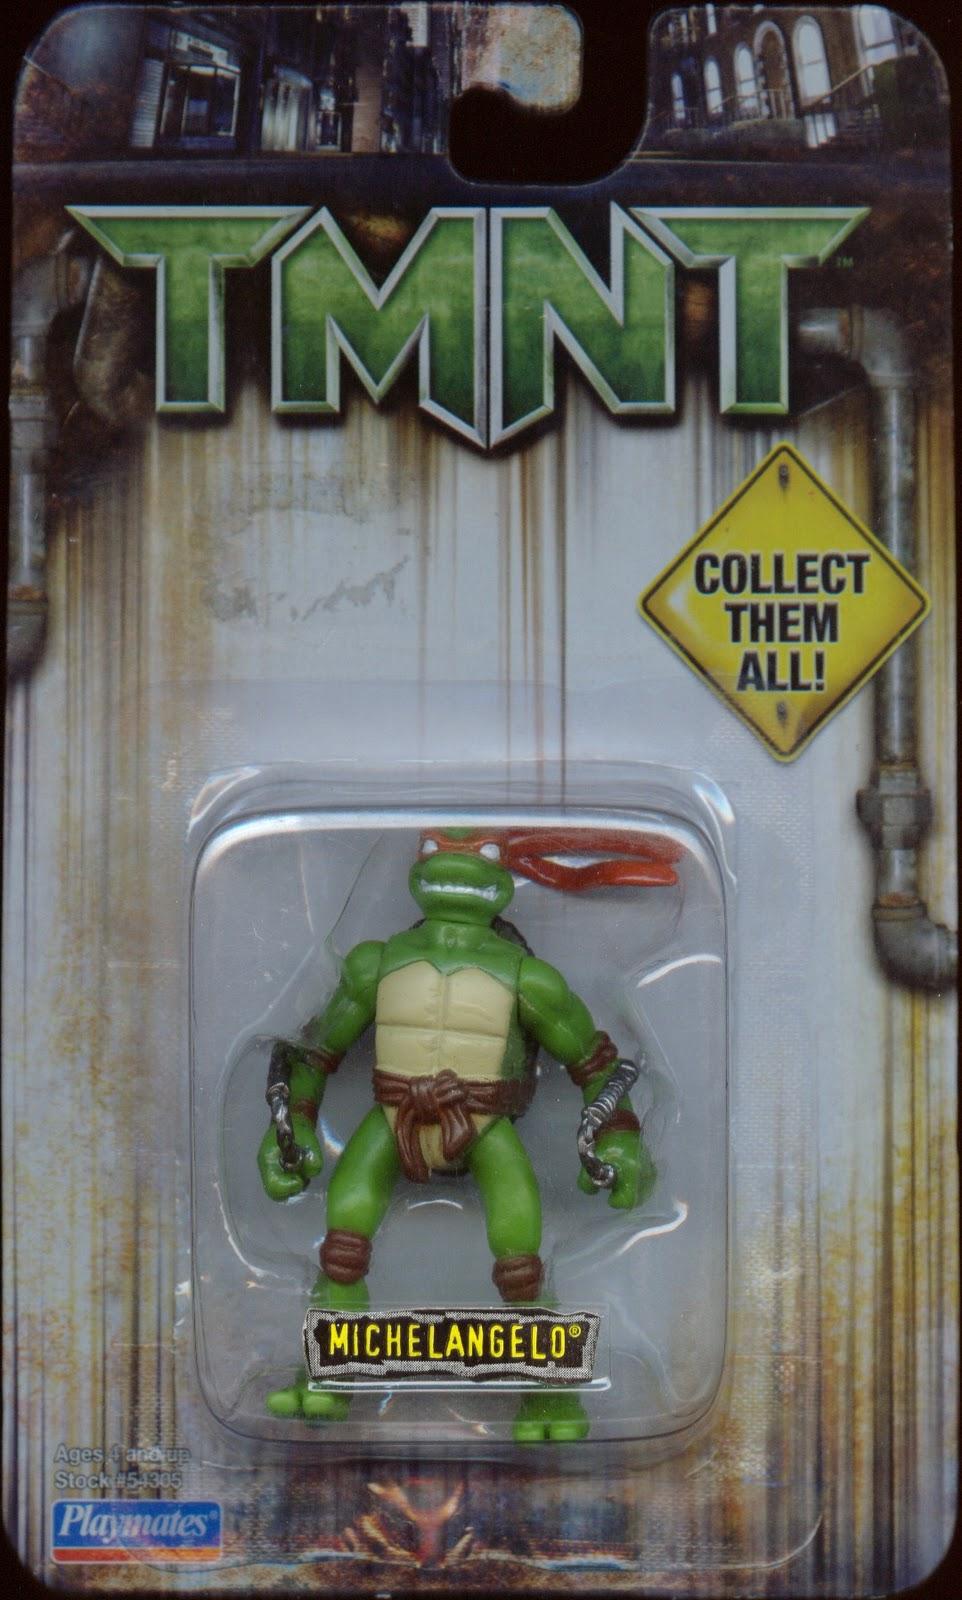 2007 S Tmnt Was A Better Teenage Mutant Ninja Turtles Movie Than